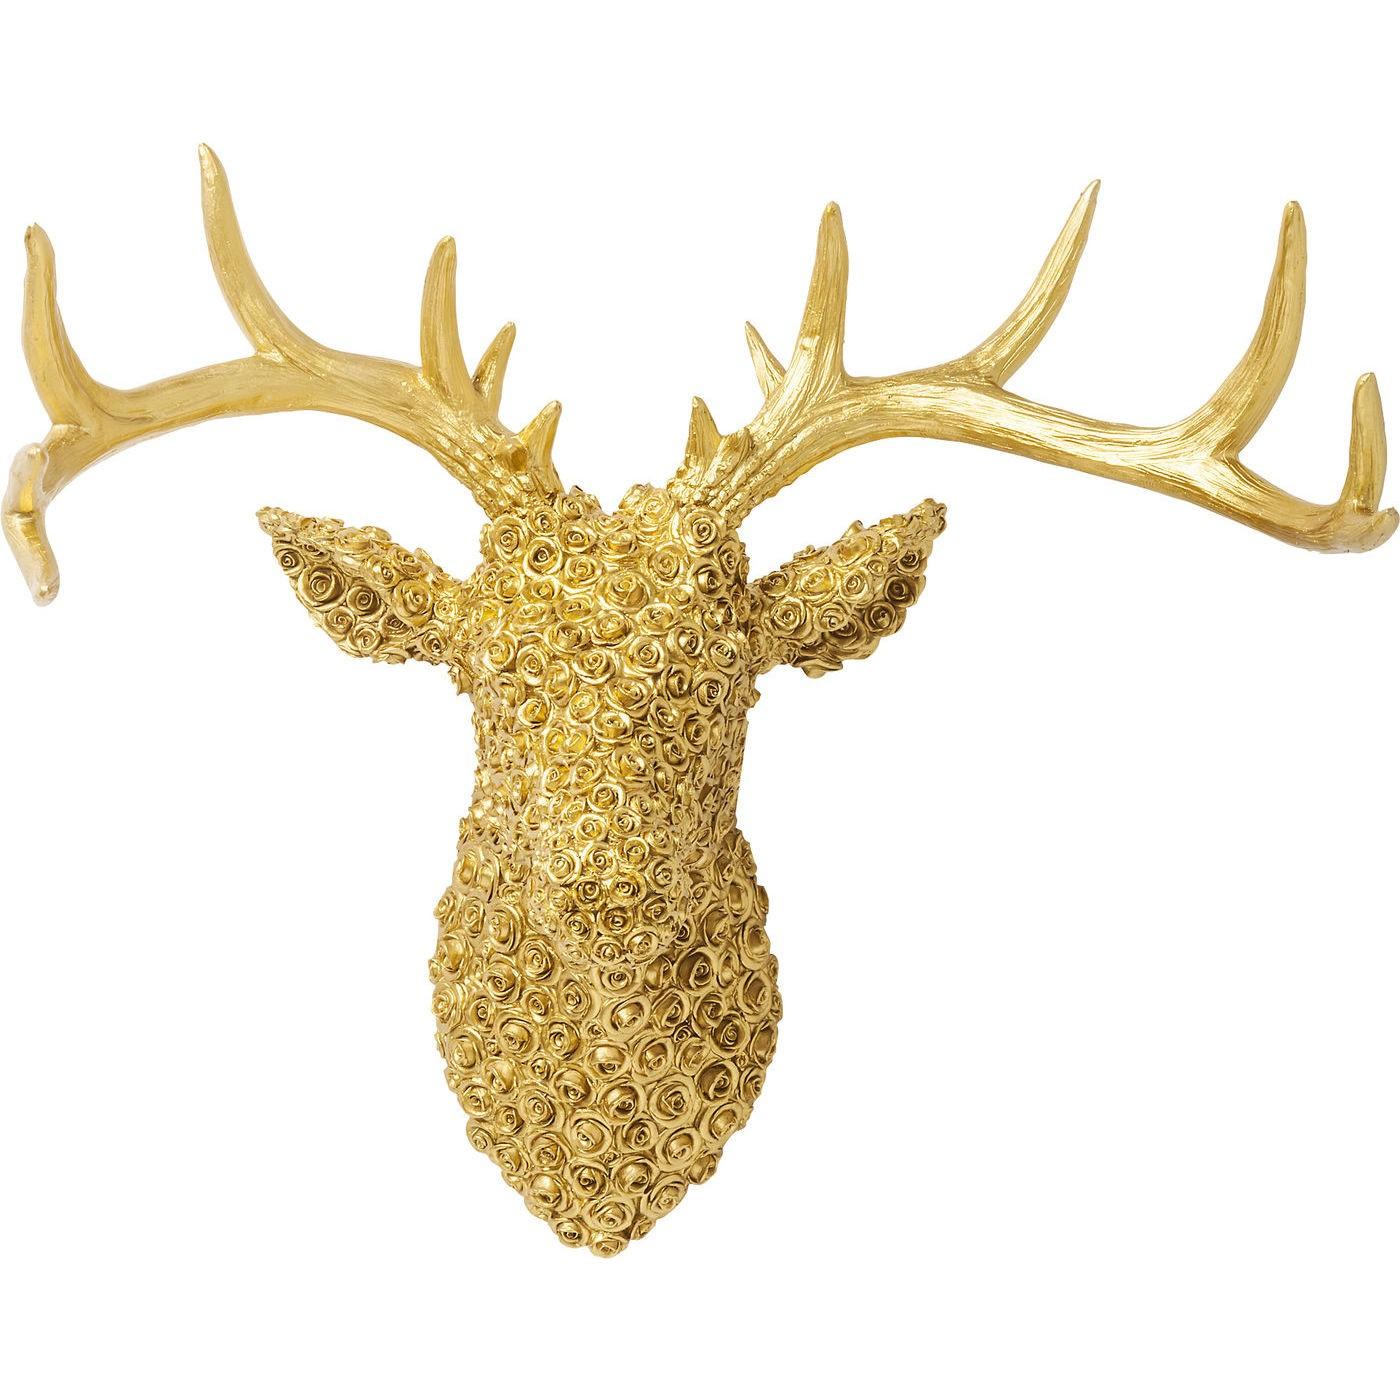 Billede af Vægdekoration Antler Deer Roses Guld